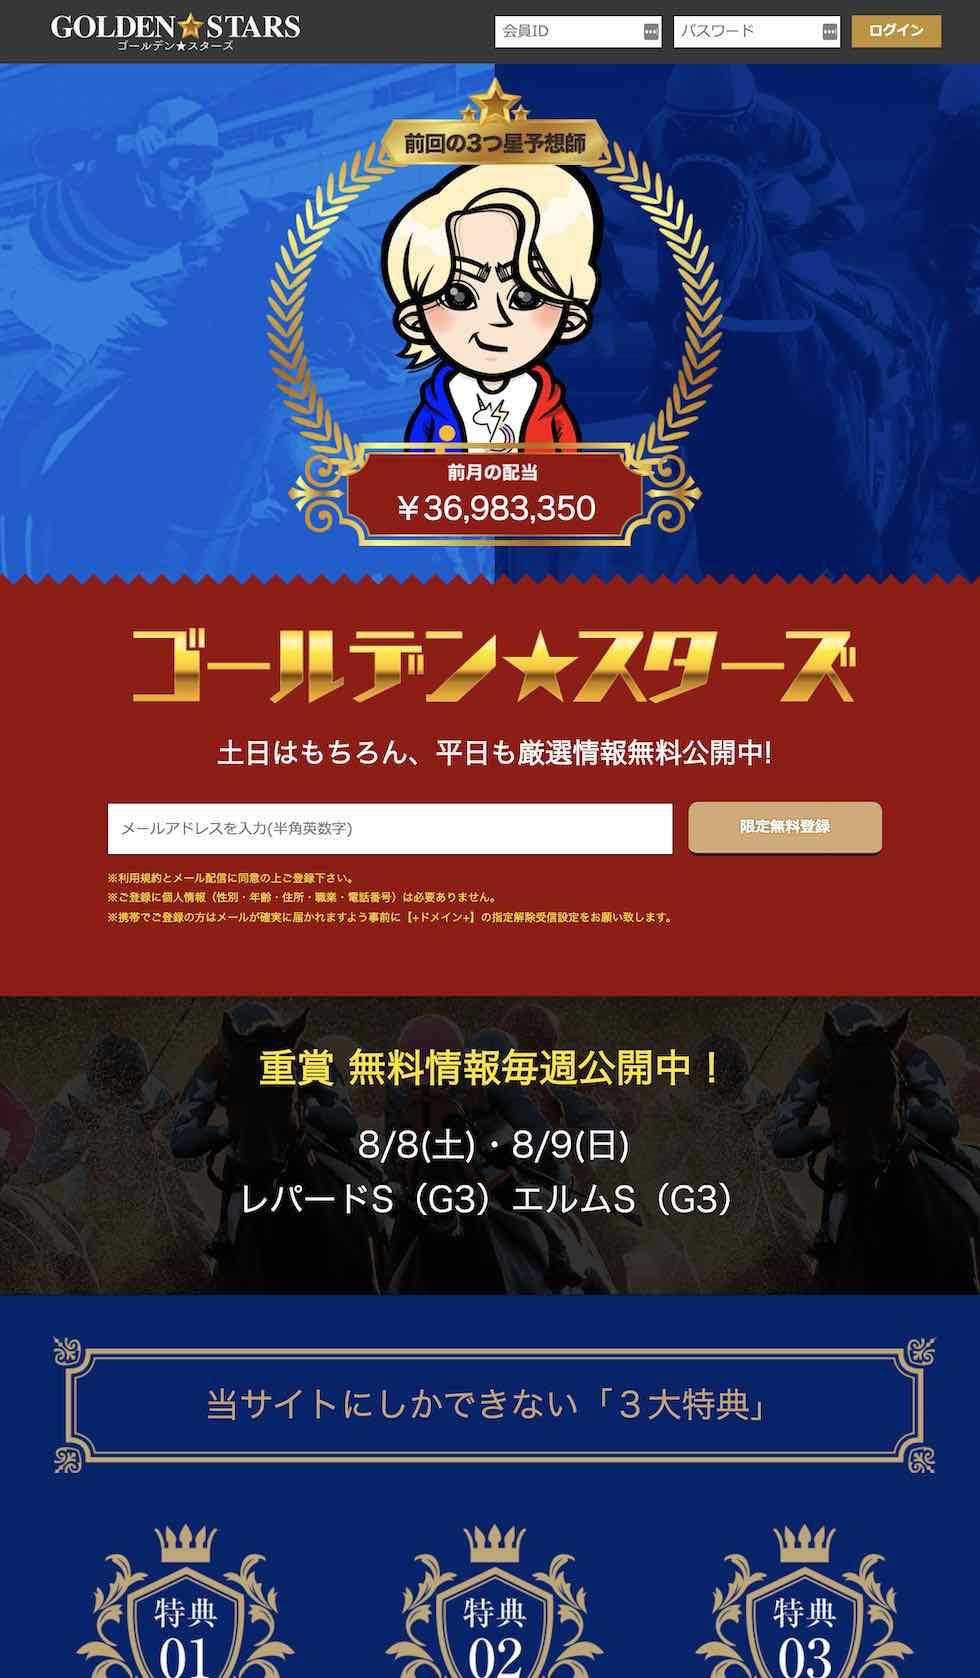 ゴールデンスターズ(GOLDEN★STARS)という競馬予想サイトの非会員ページ